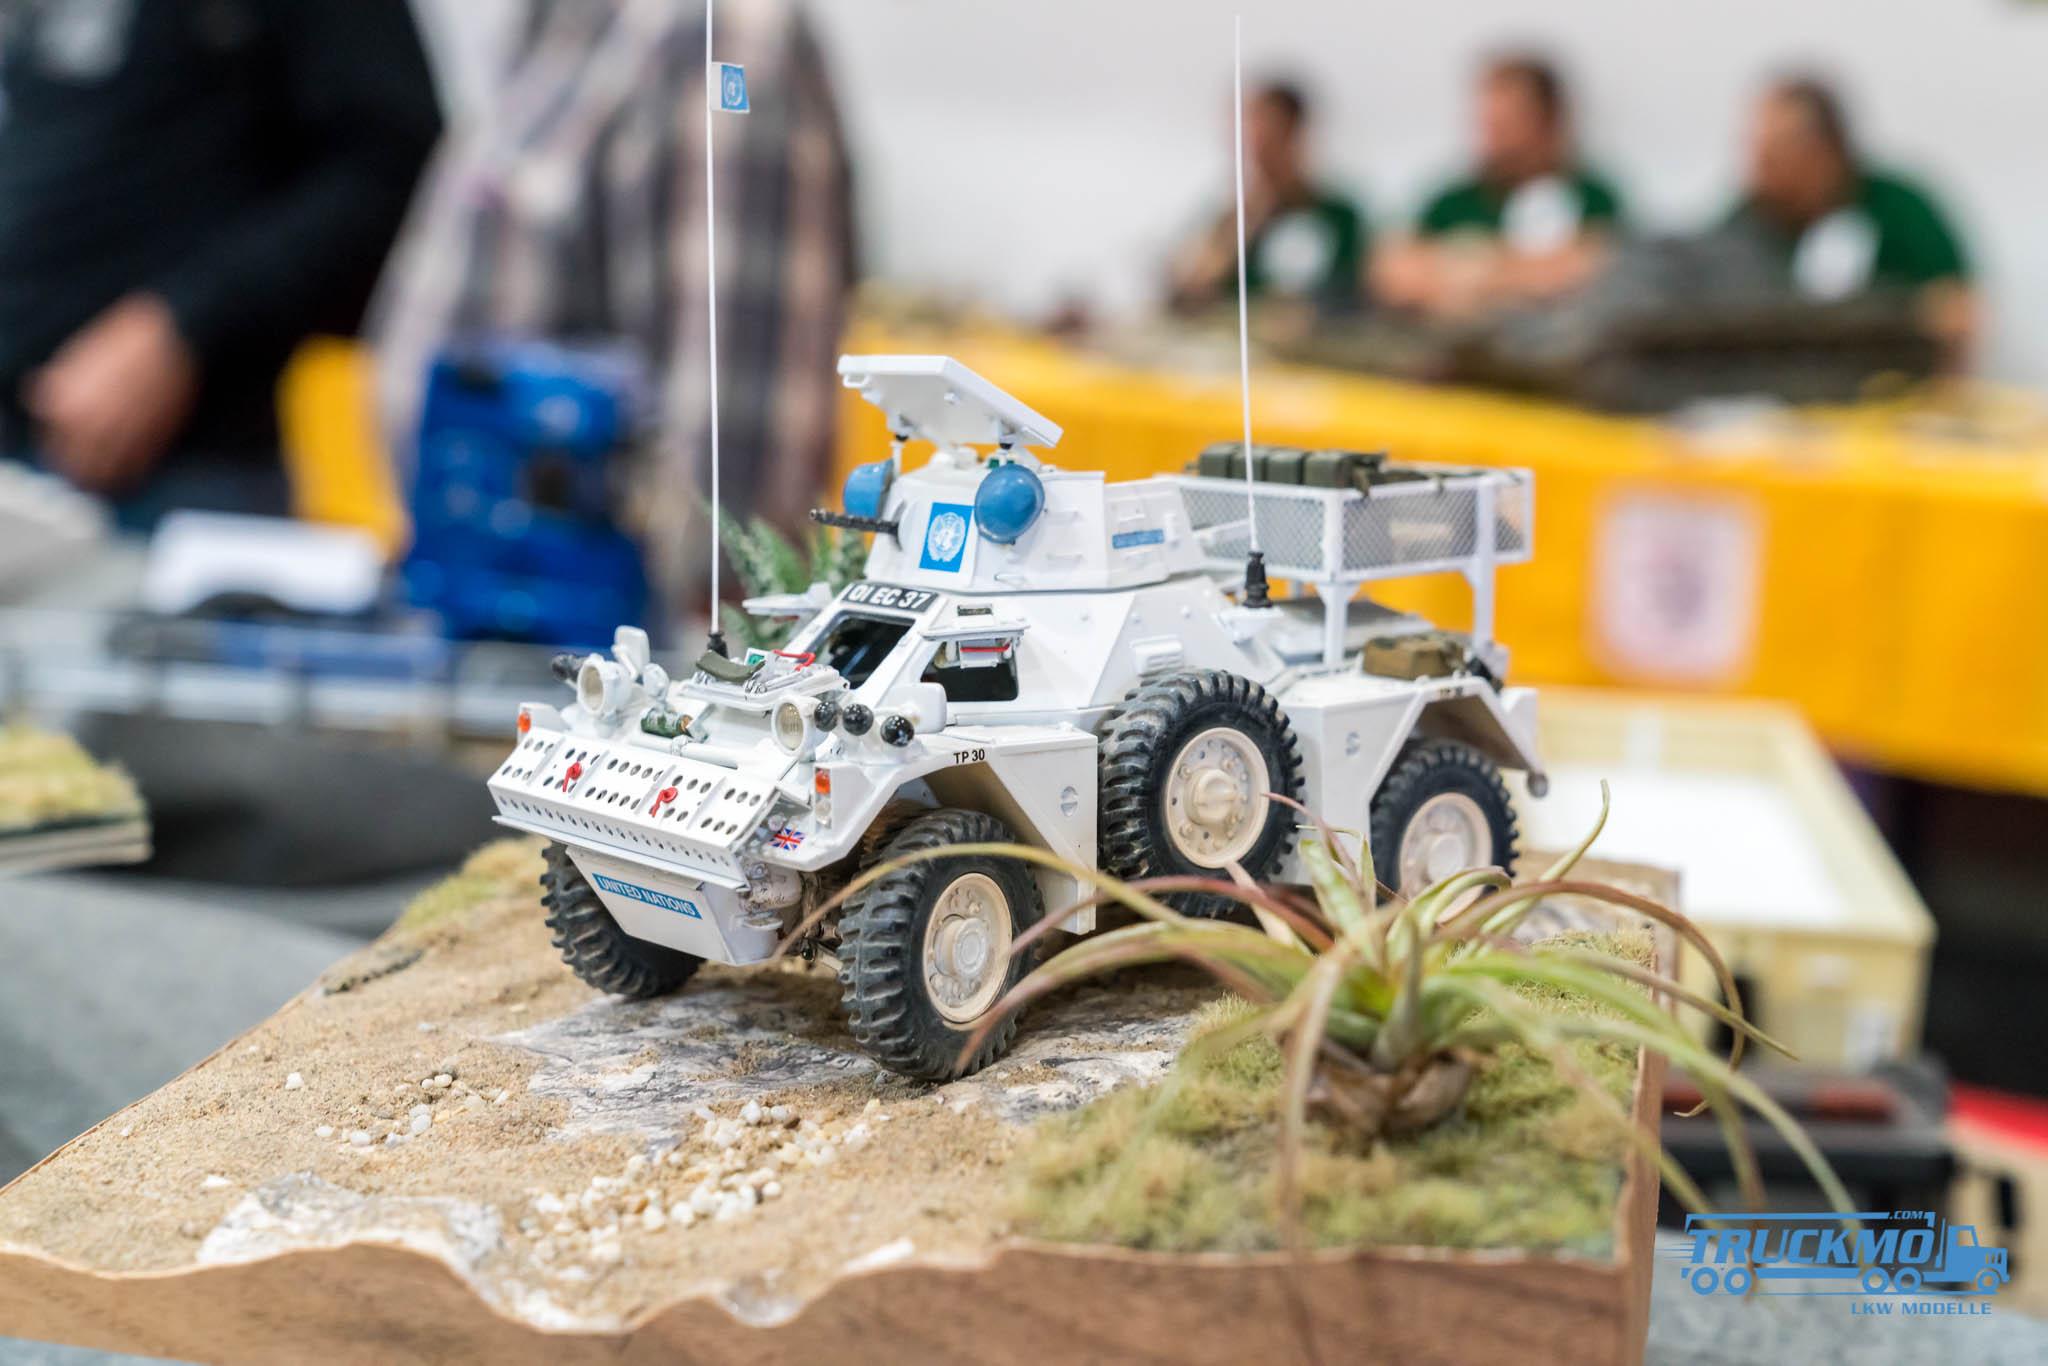 Truckmo_Modellbau_Ried_2017_Herpa_Messe_Modellbauausstellung (432 von 1177)